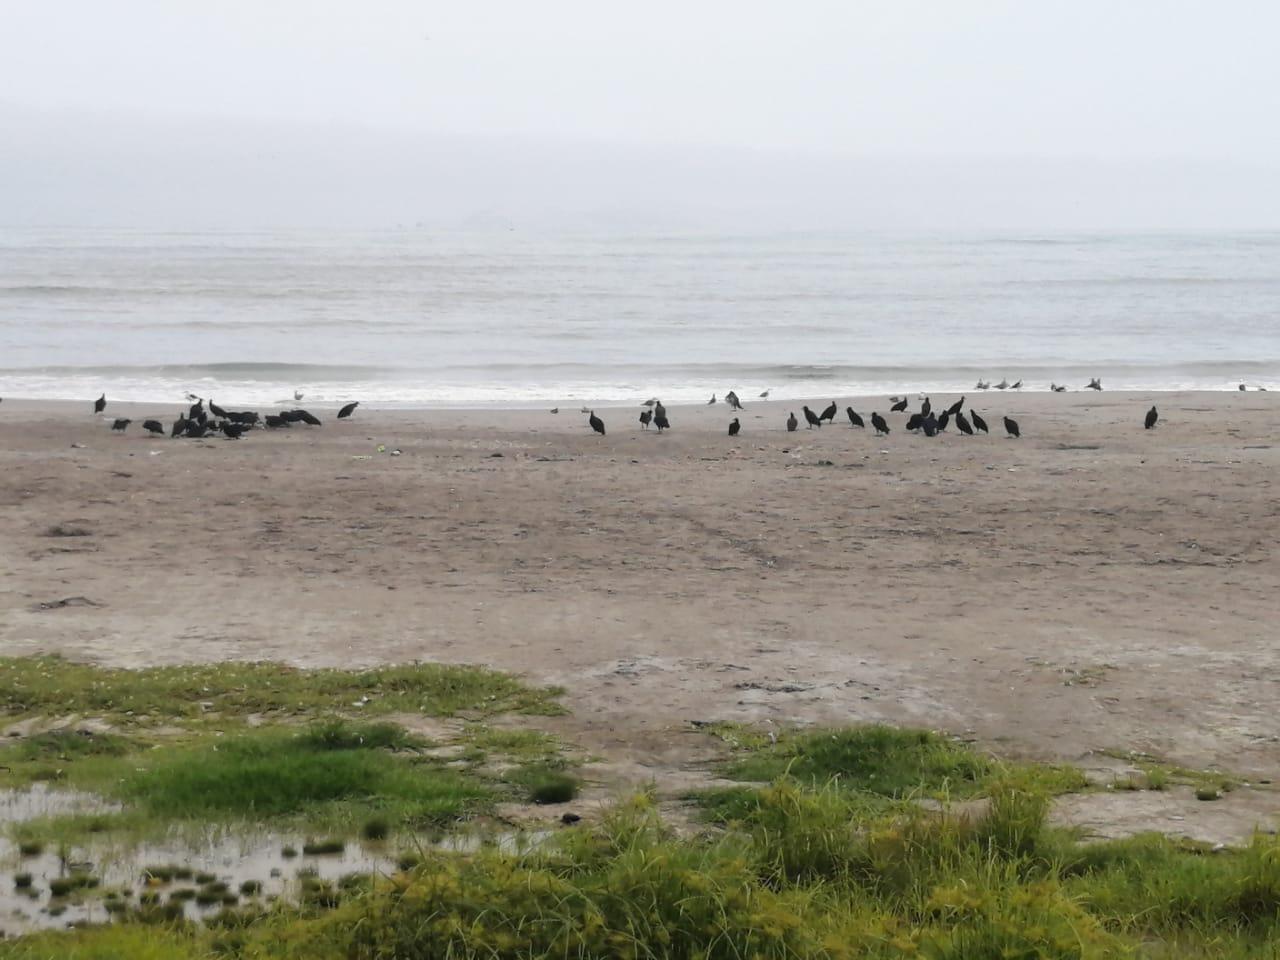 Sin embargo, distintas especies de aves han retomado las playas de la Costa Verde que antes eran utilizadas por los bañistas.